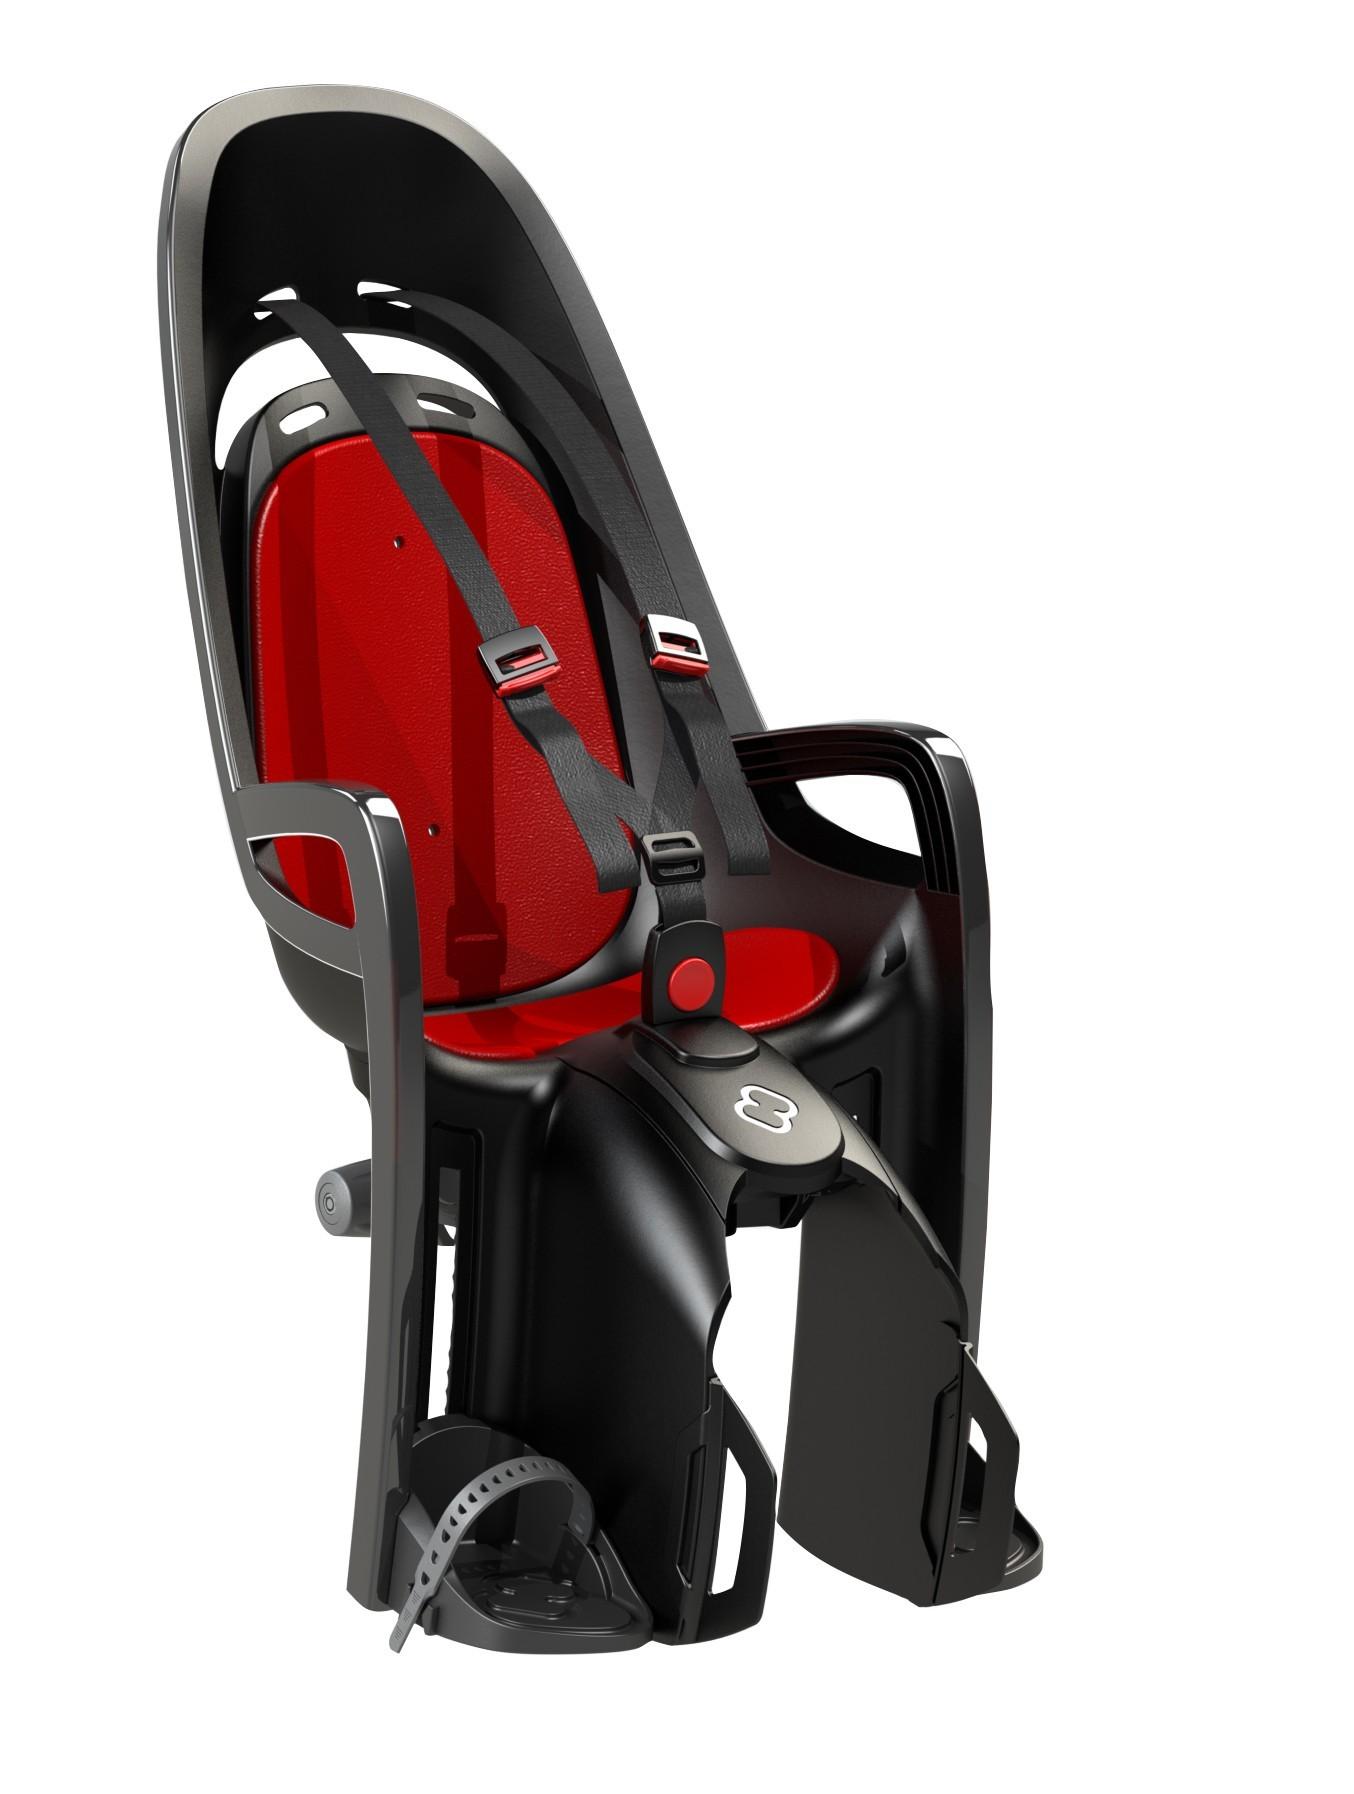 Hamax Porte-bébé Caress Zenith gris-rouge avec adaptateur